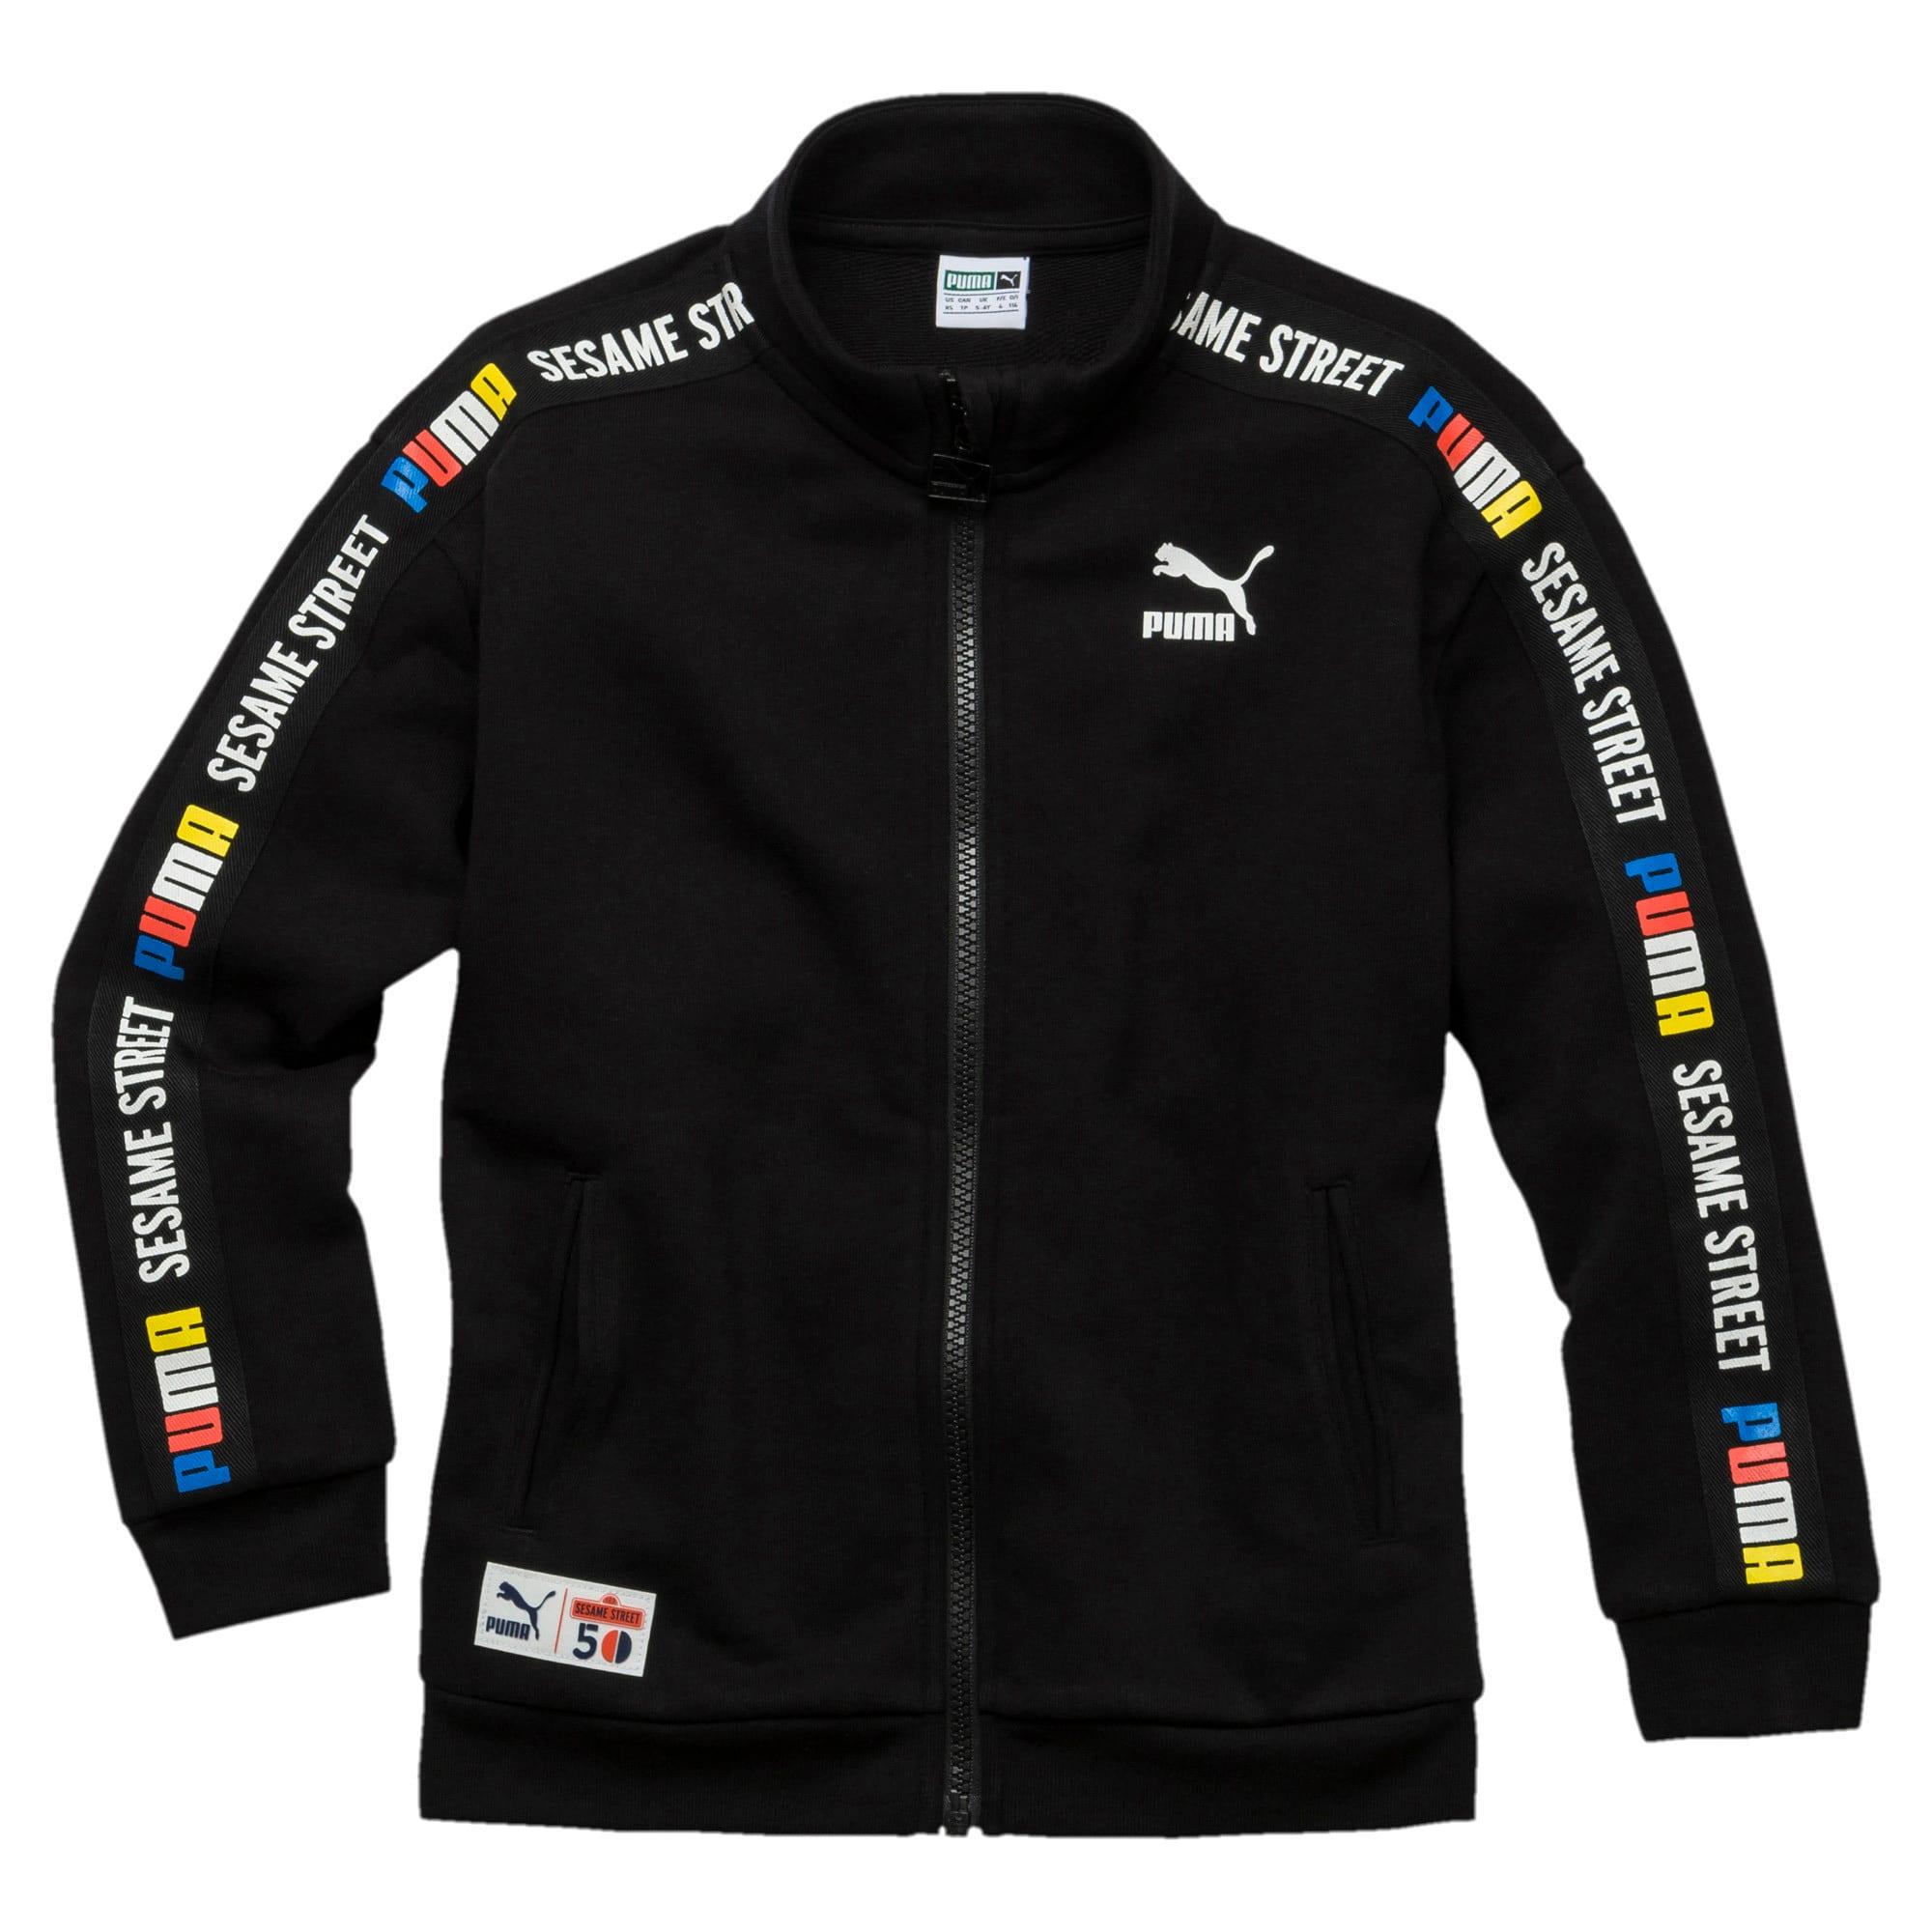 Thumbnail 1 of PUMA x SESAME STREET Boys' Jacket, Cotton Black, medium